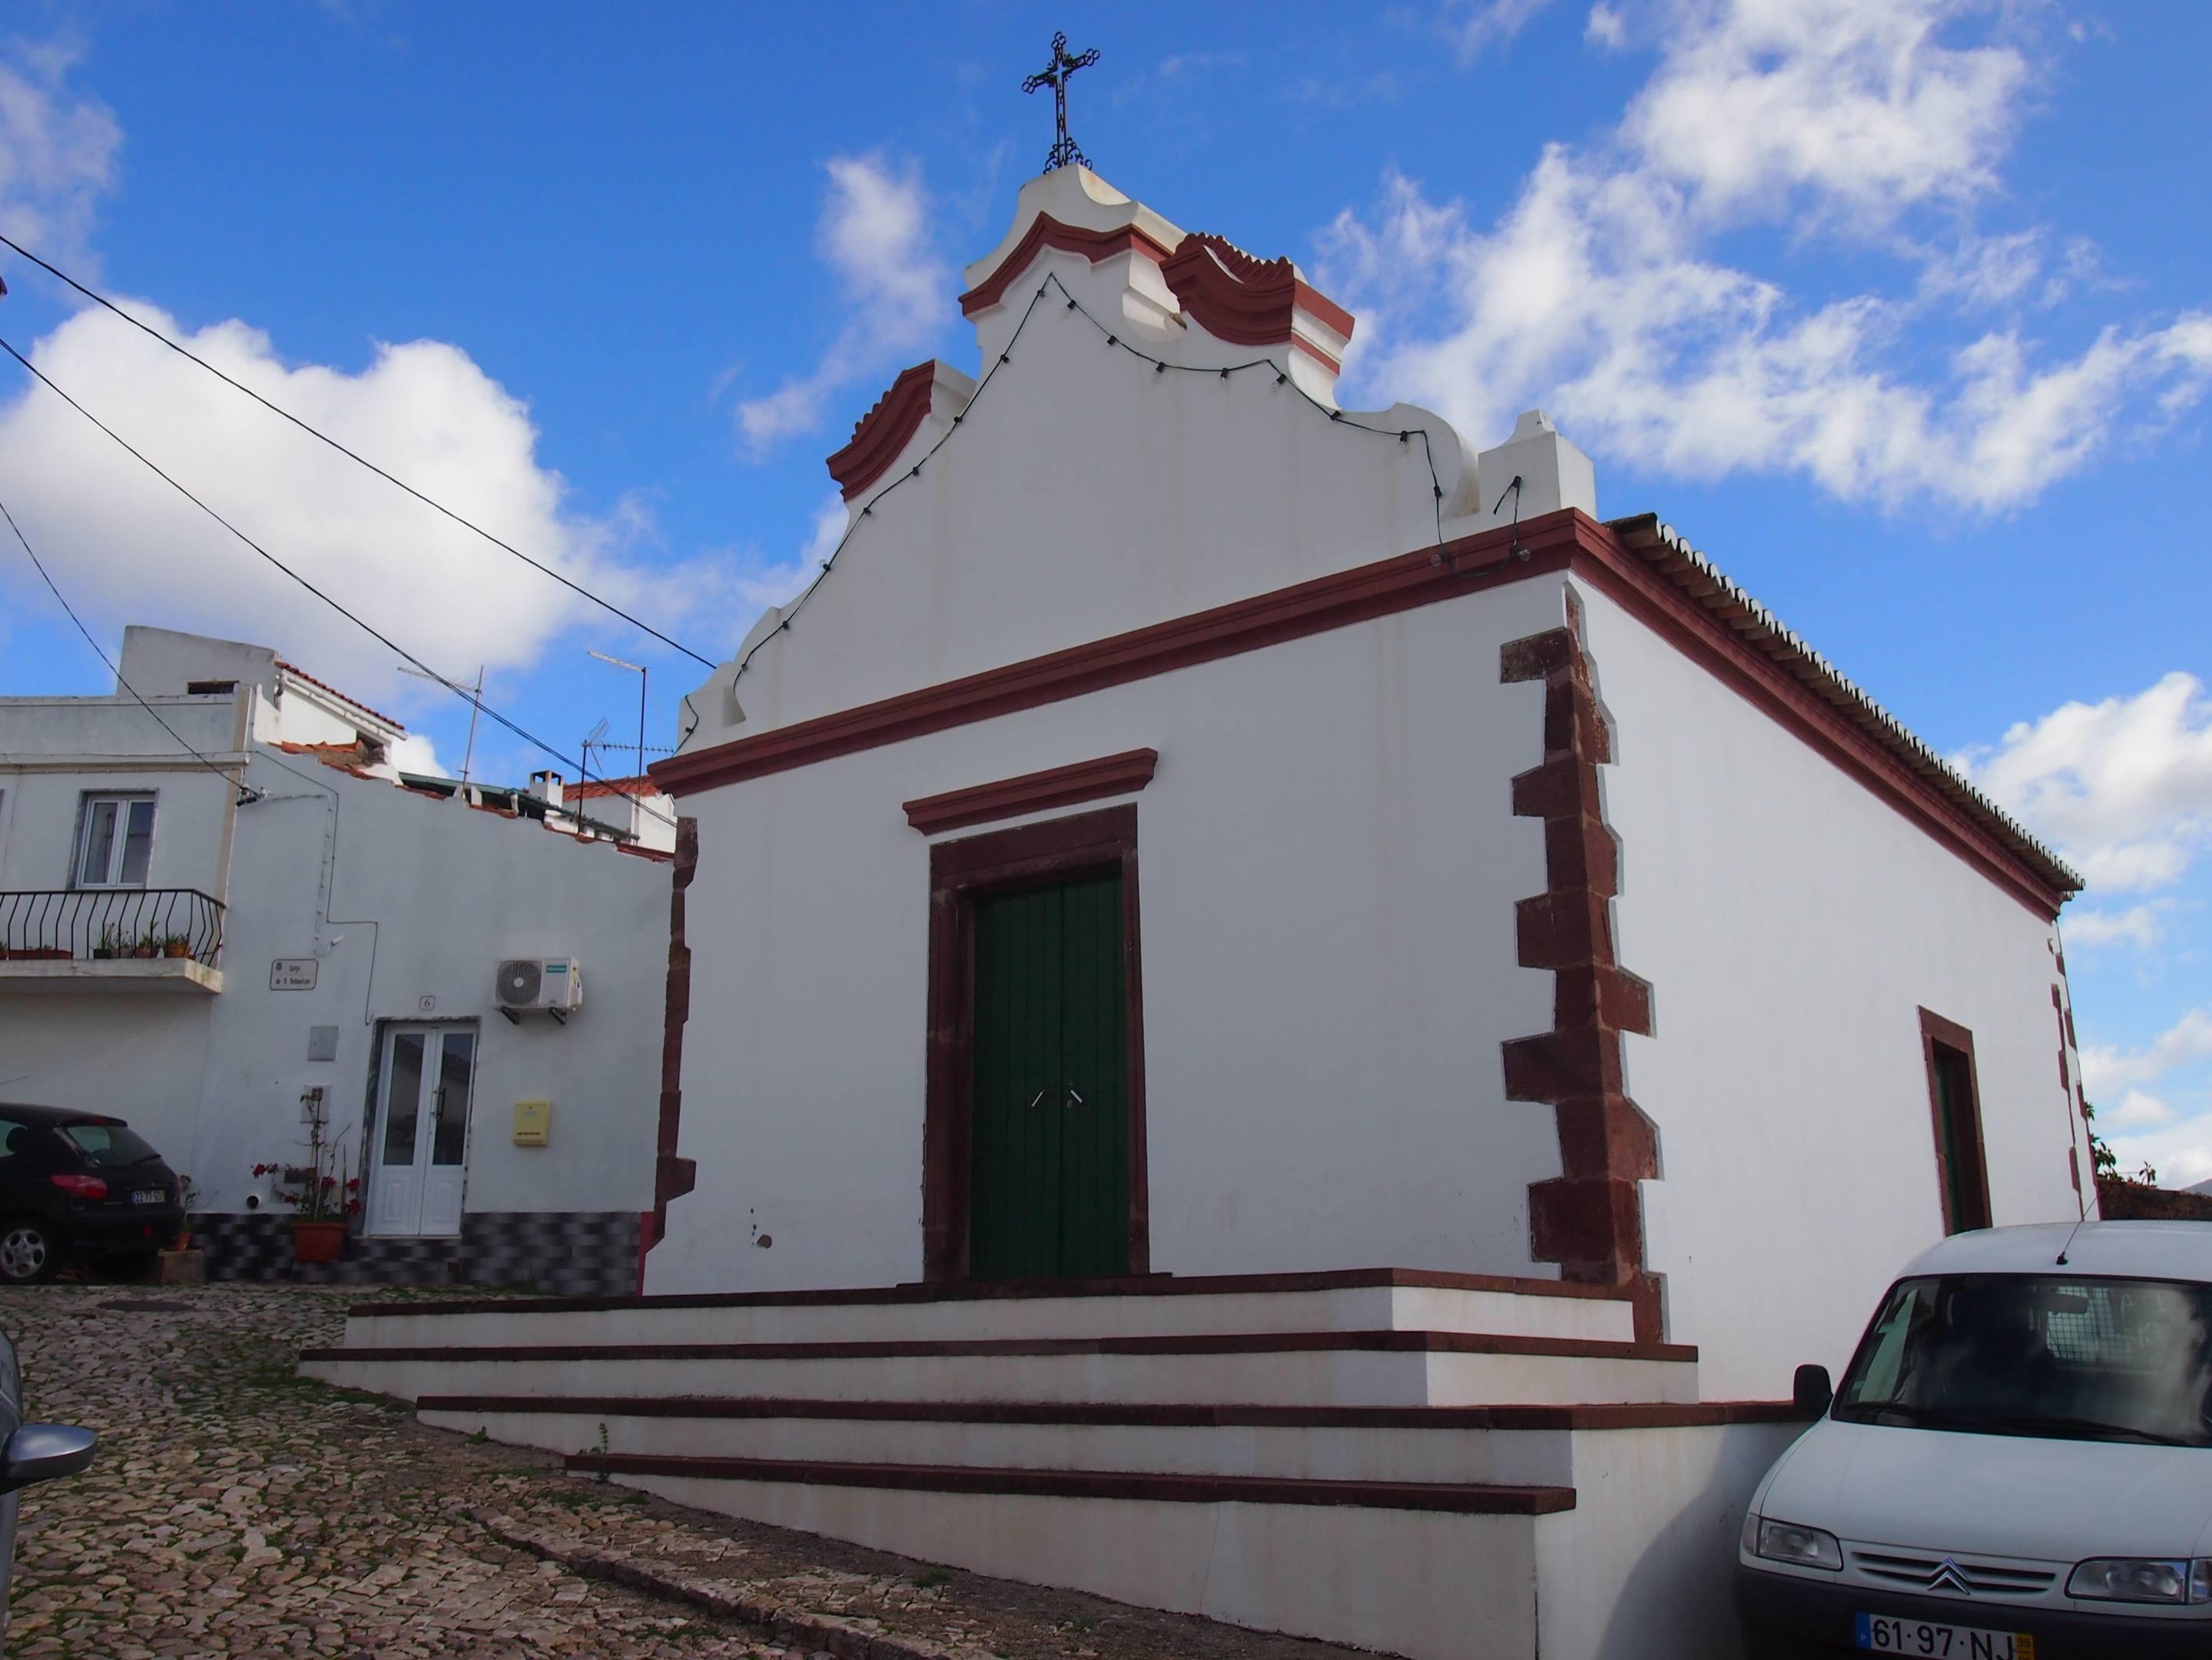 Ermida de São Sebastião, São Bartolomeu de Messines, Algarve